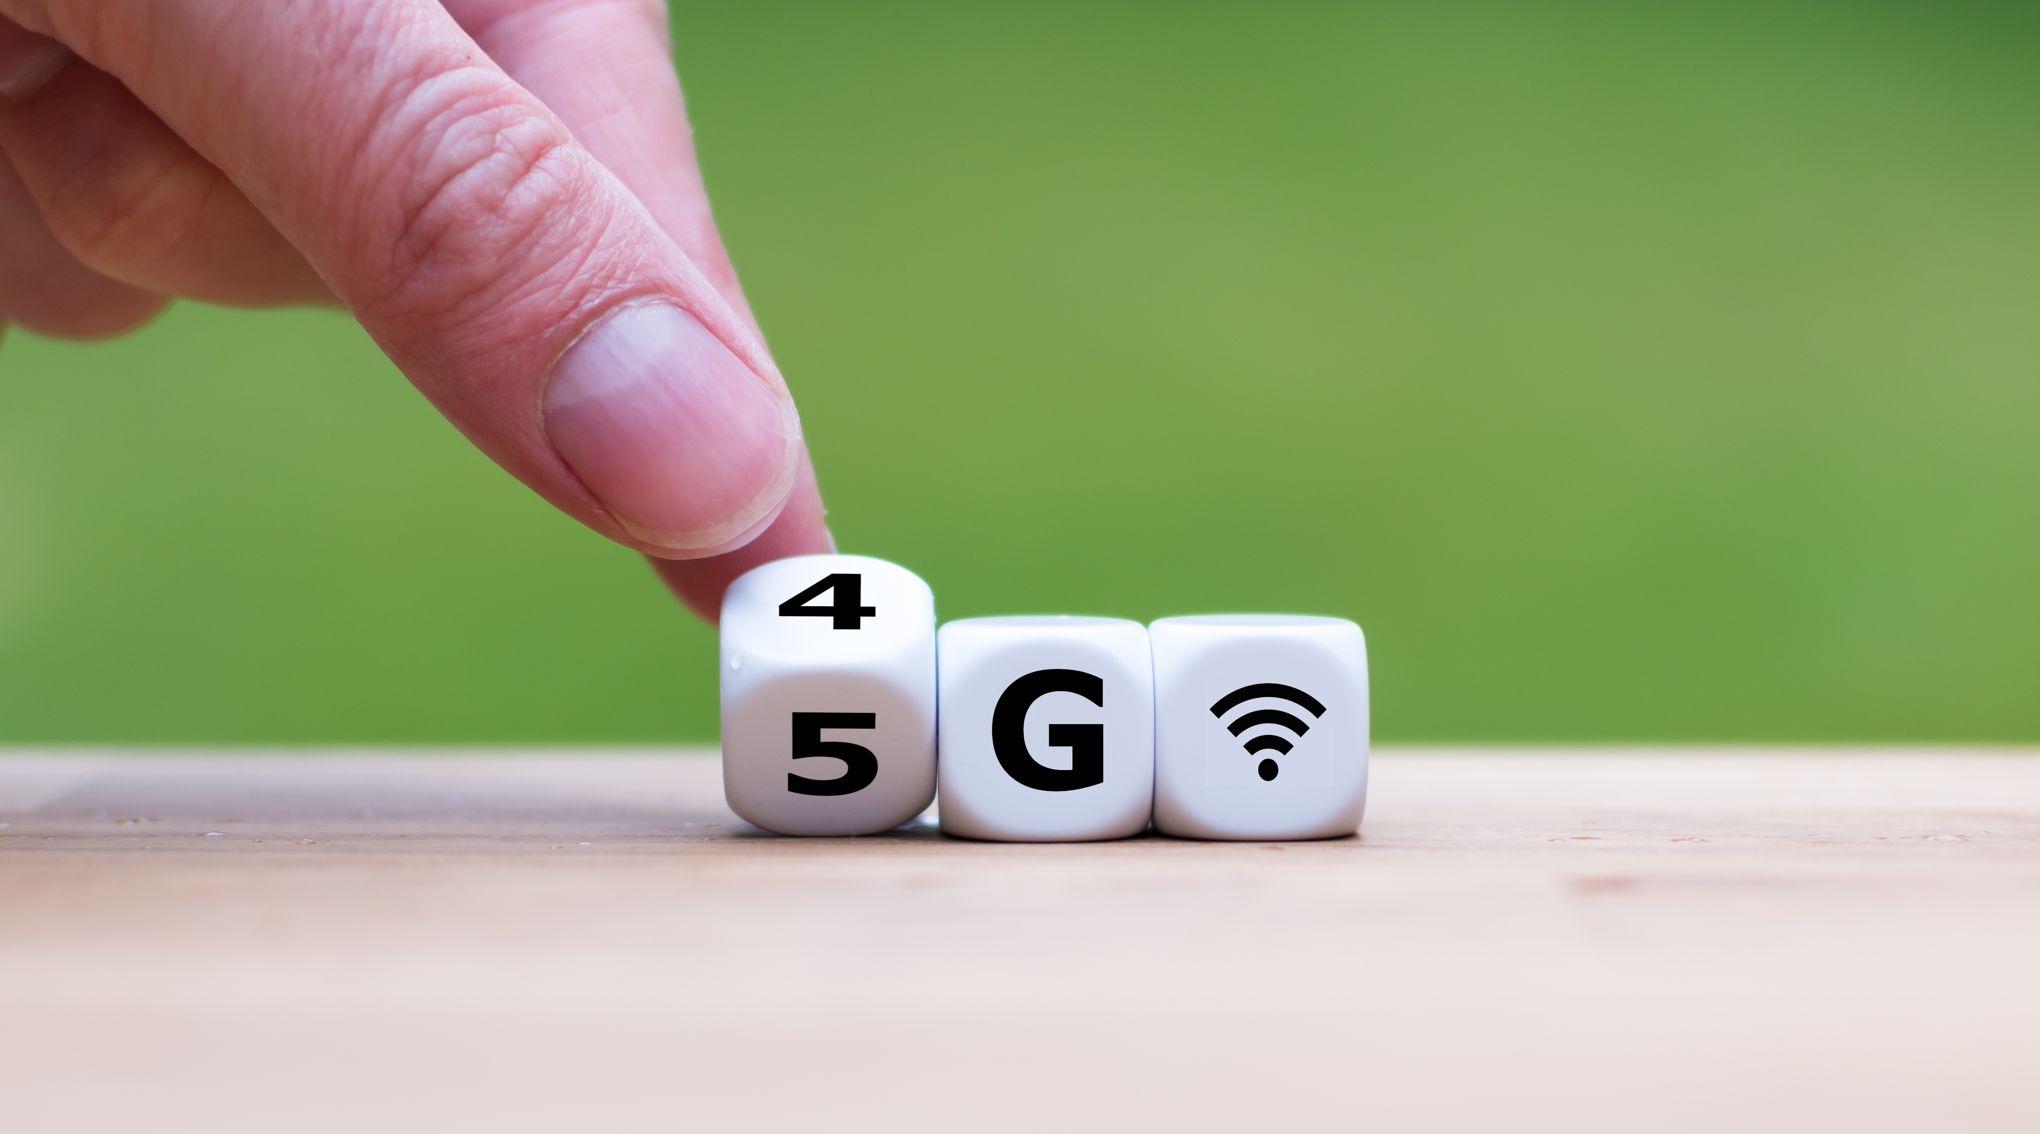 Santé: faut-il avoir peur de la 5G?